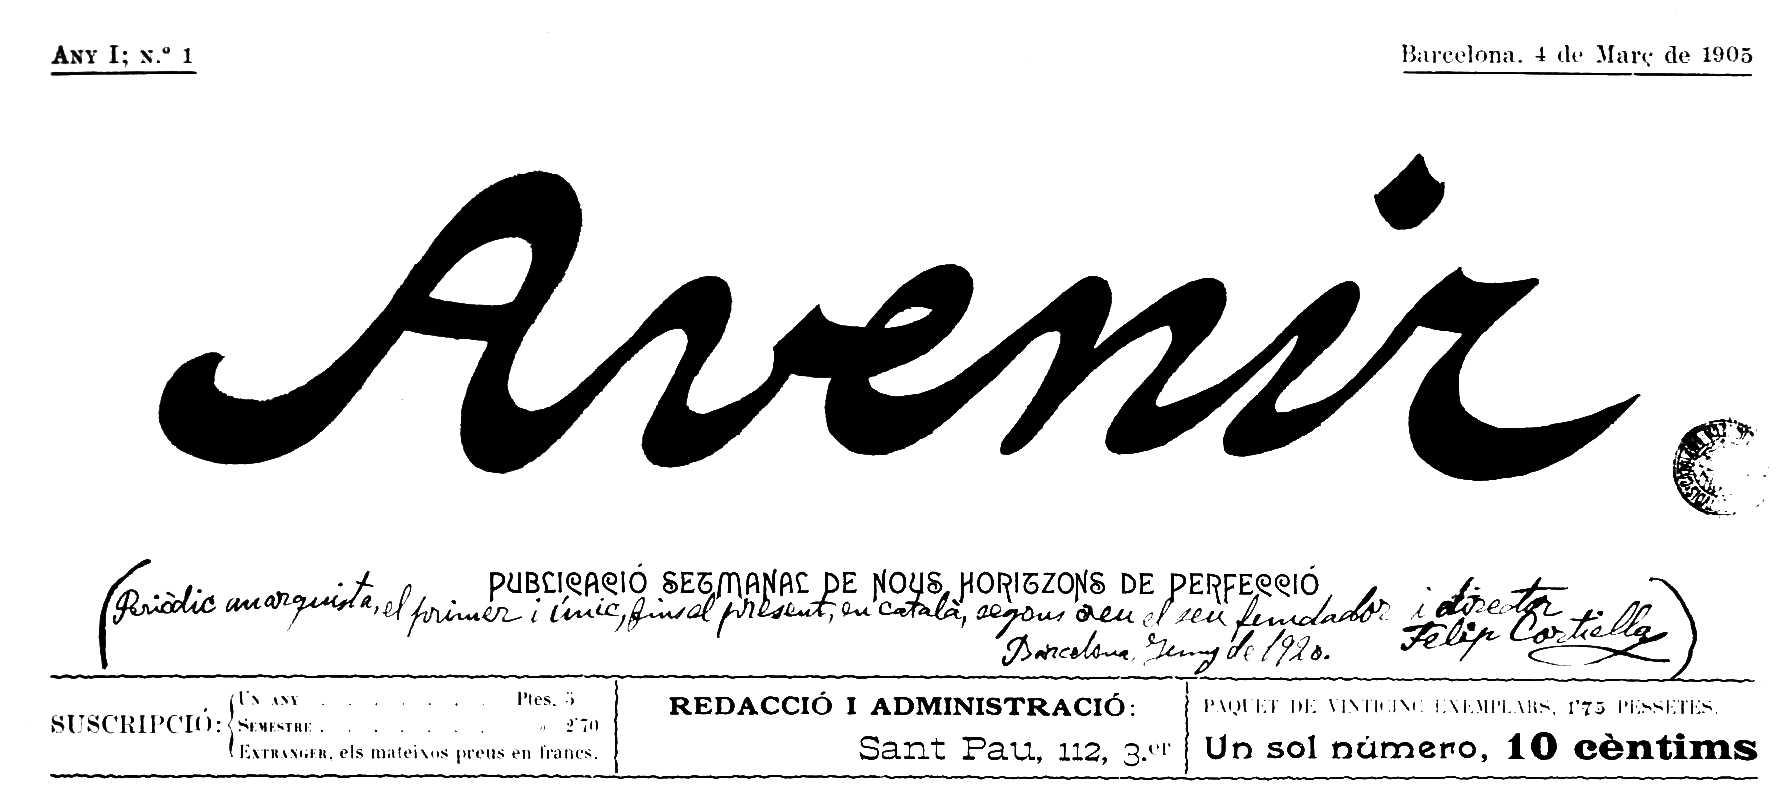 """Capçalera del primer número d'""""Avenir"""" amb una nota manuscrita de Cortiella: """"Periòdic anarquista, el primer i únic, fins al present, en català, segons creu el seu fundador i director Felip Cortiella. Barcelona, juny de 1920"""" (Biblioteca de Catalunya)"""